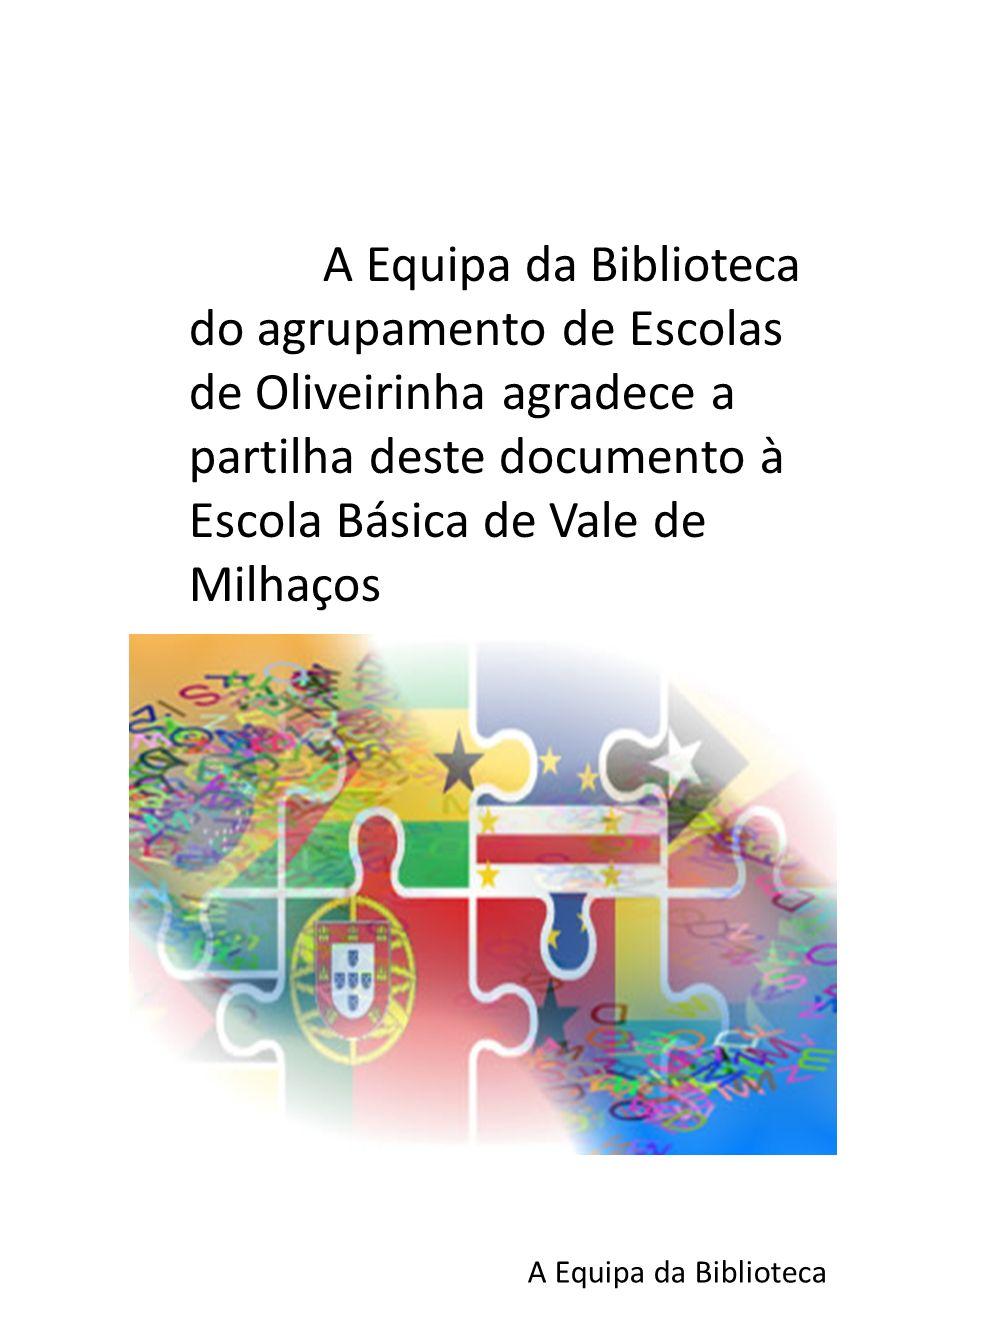 A Equipa da Biblioteca do agrupamento de Escolas de Oliveirinha agradece a partilha deste documento à Escola Básica de Vale de Milhaços